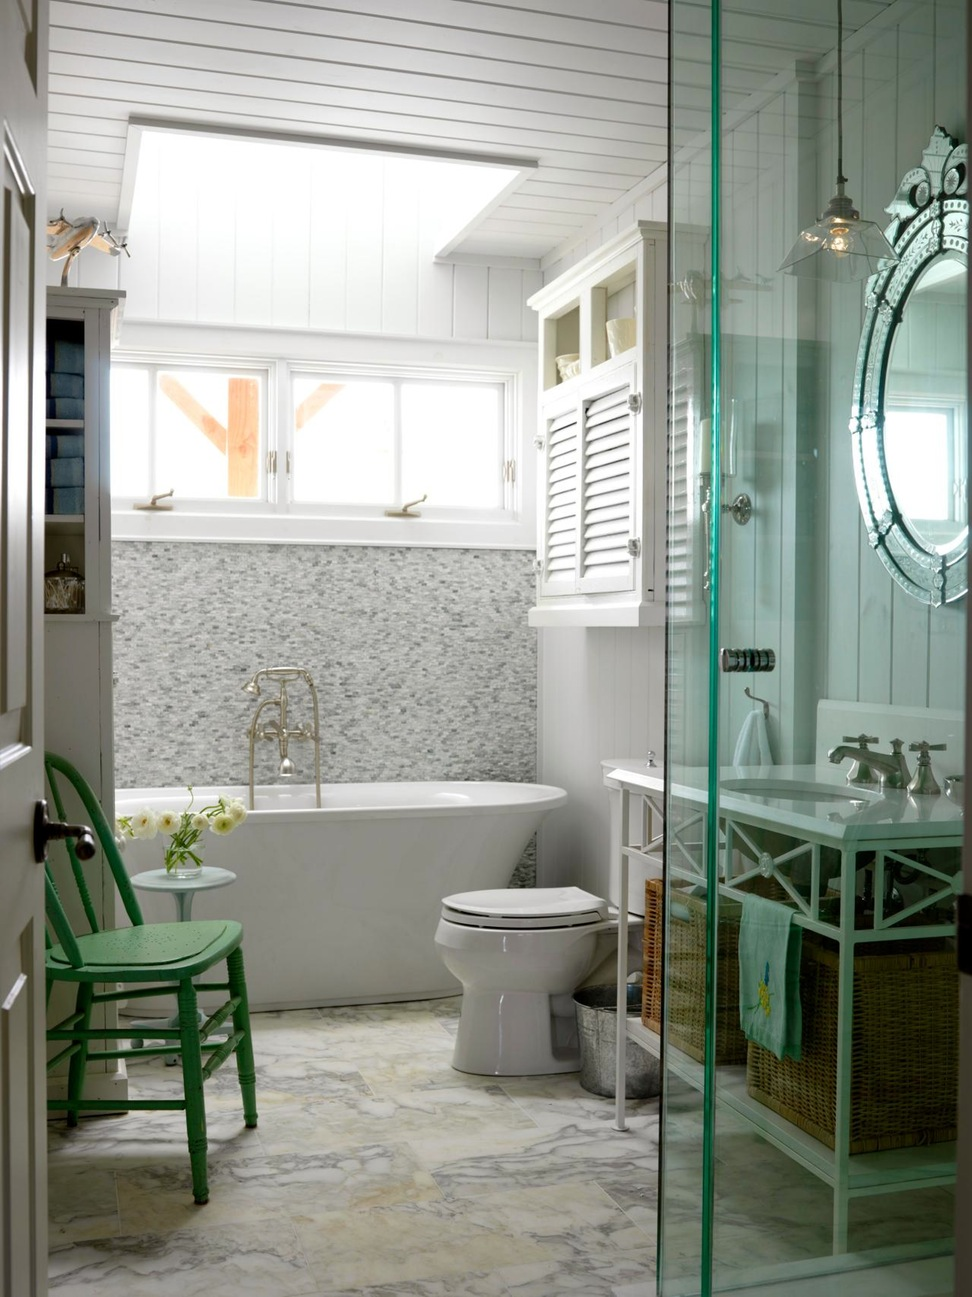 baños originales - grifería especial